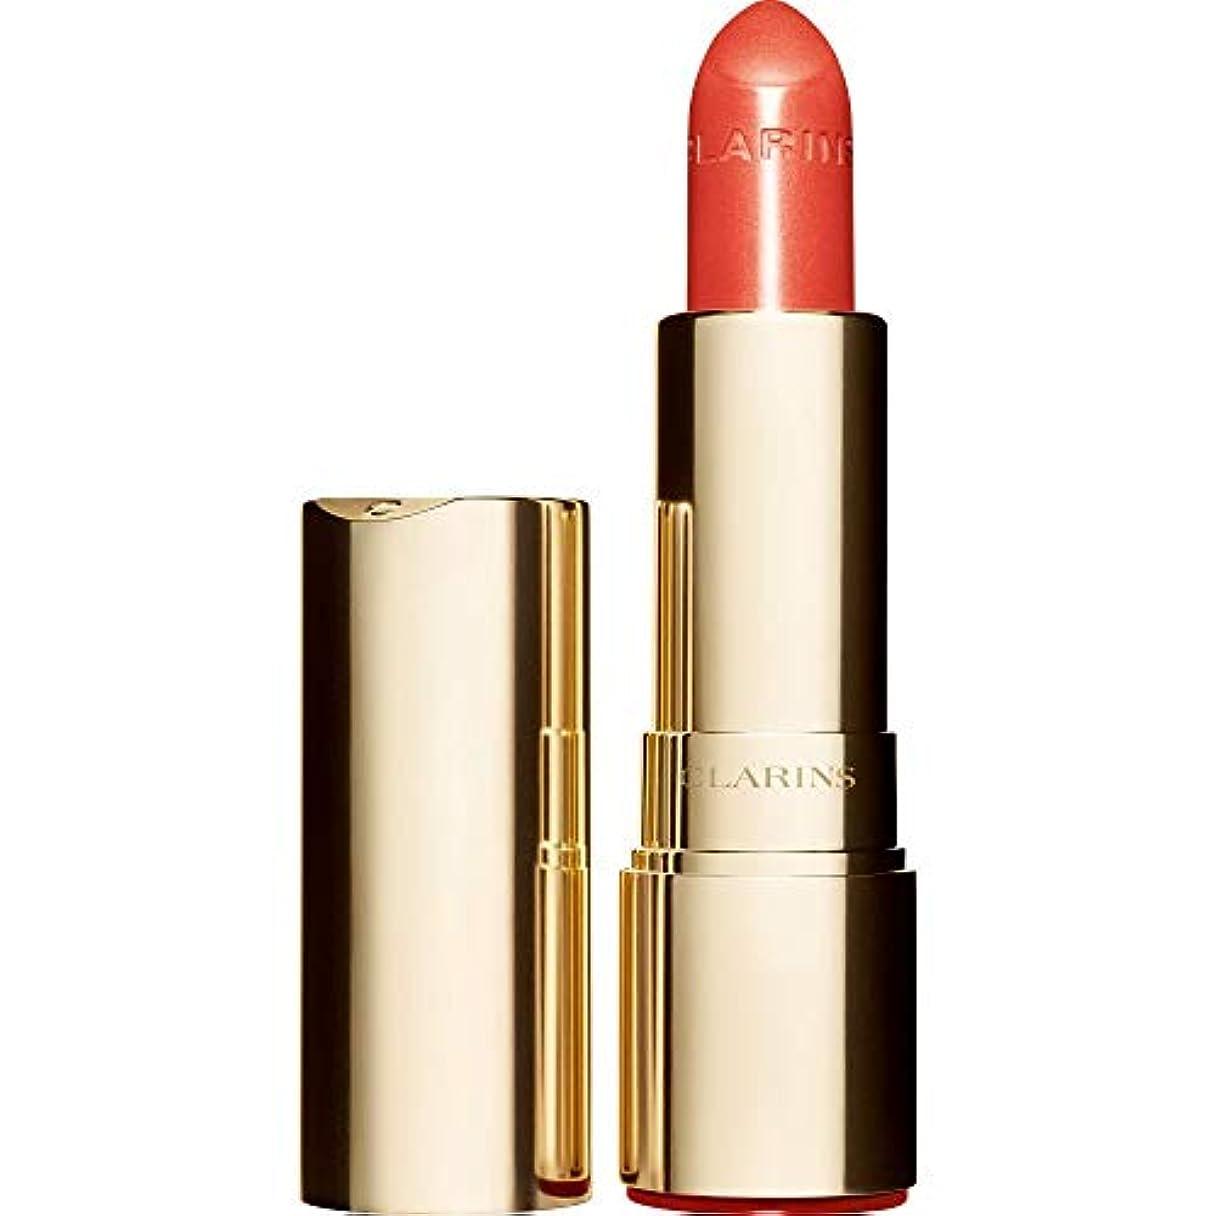 頼む専門化する比較[Clarins ] クラランスジョリルージュブリリアント口紅3.5グラムの711S - パパイヤ - Clarins Joli Rouge Brillant Lipstick 3.5g 711S - Papaya [並行輸入品]